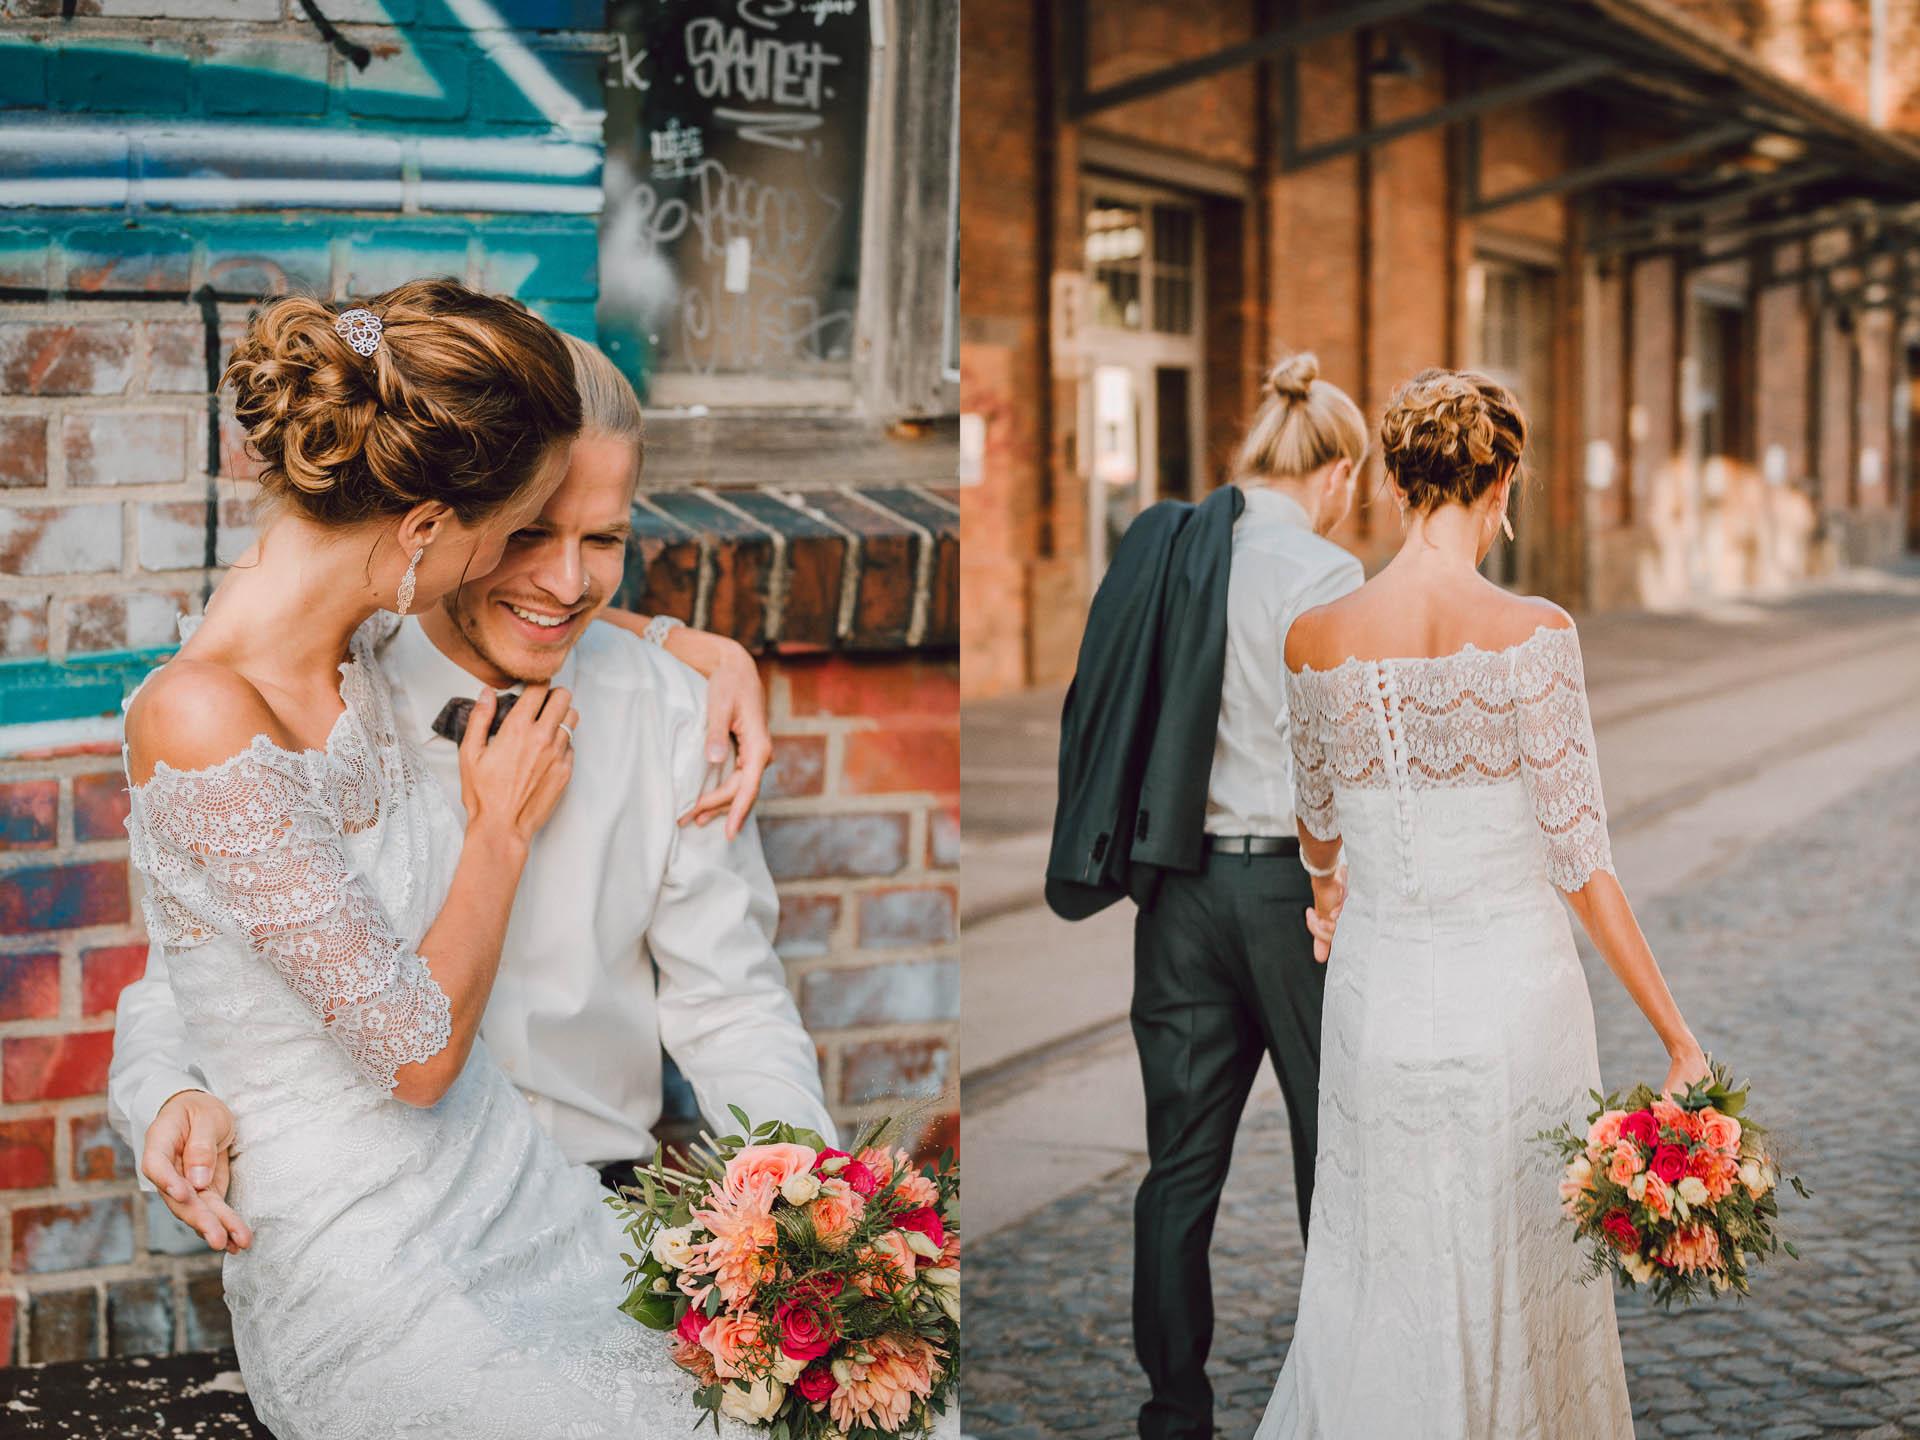 Brautkleid Shabby Chic an Braut, die auf dem Schoß des Bräutigams sitzt